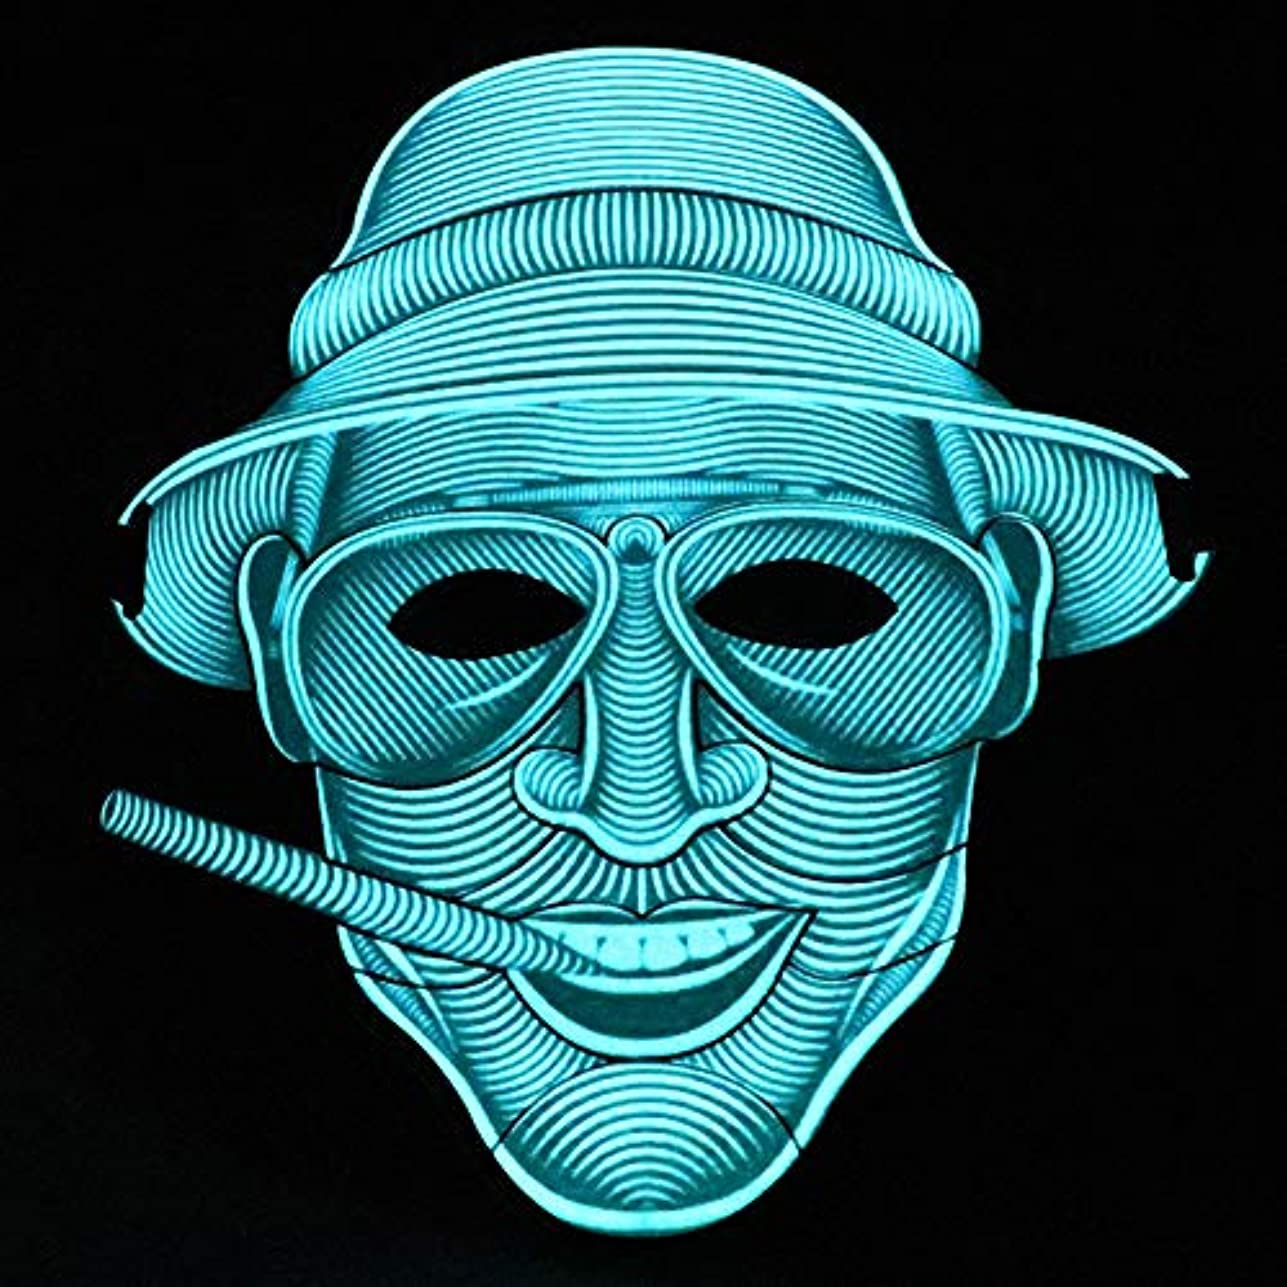 海野球省照らされたマスクLED創造的な冷光音響制御マスクハロウィンバーフェスティバルダンスマスク (Color : #15)